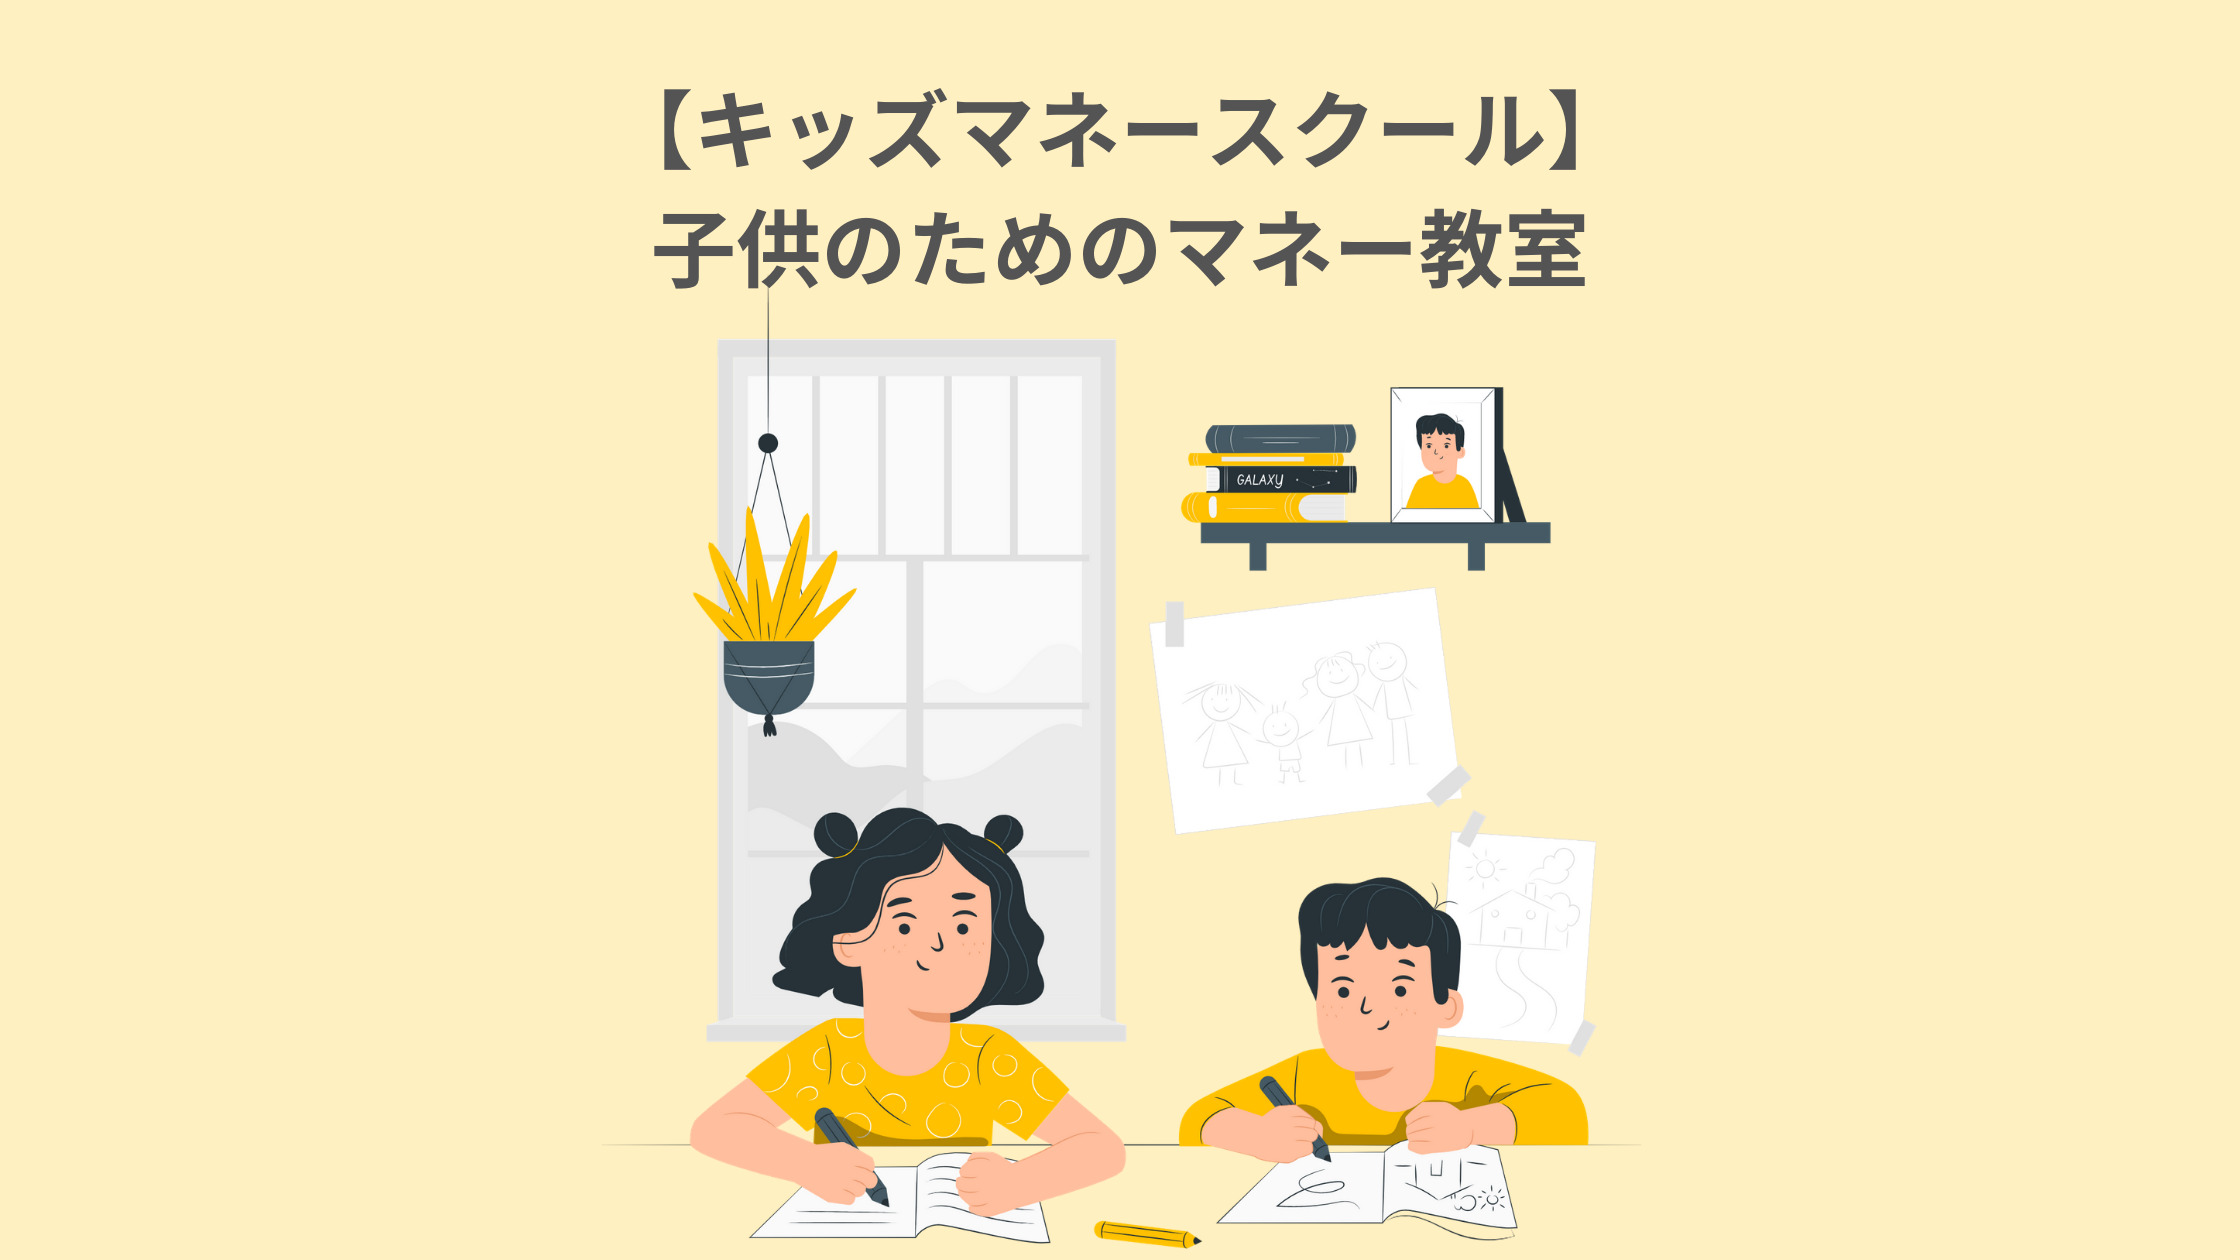 【キッズマネースクール】 子供のためのマネー教室